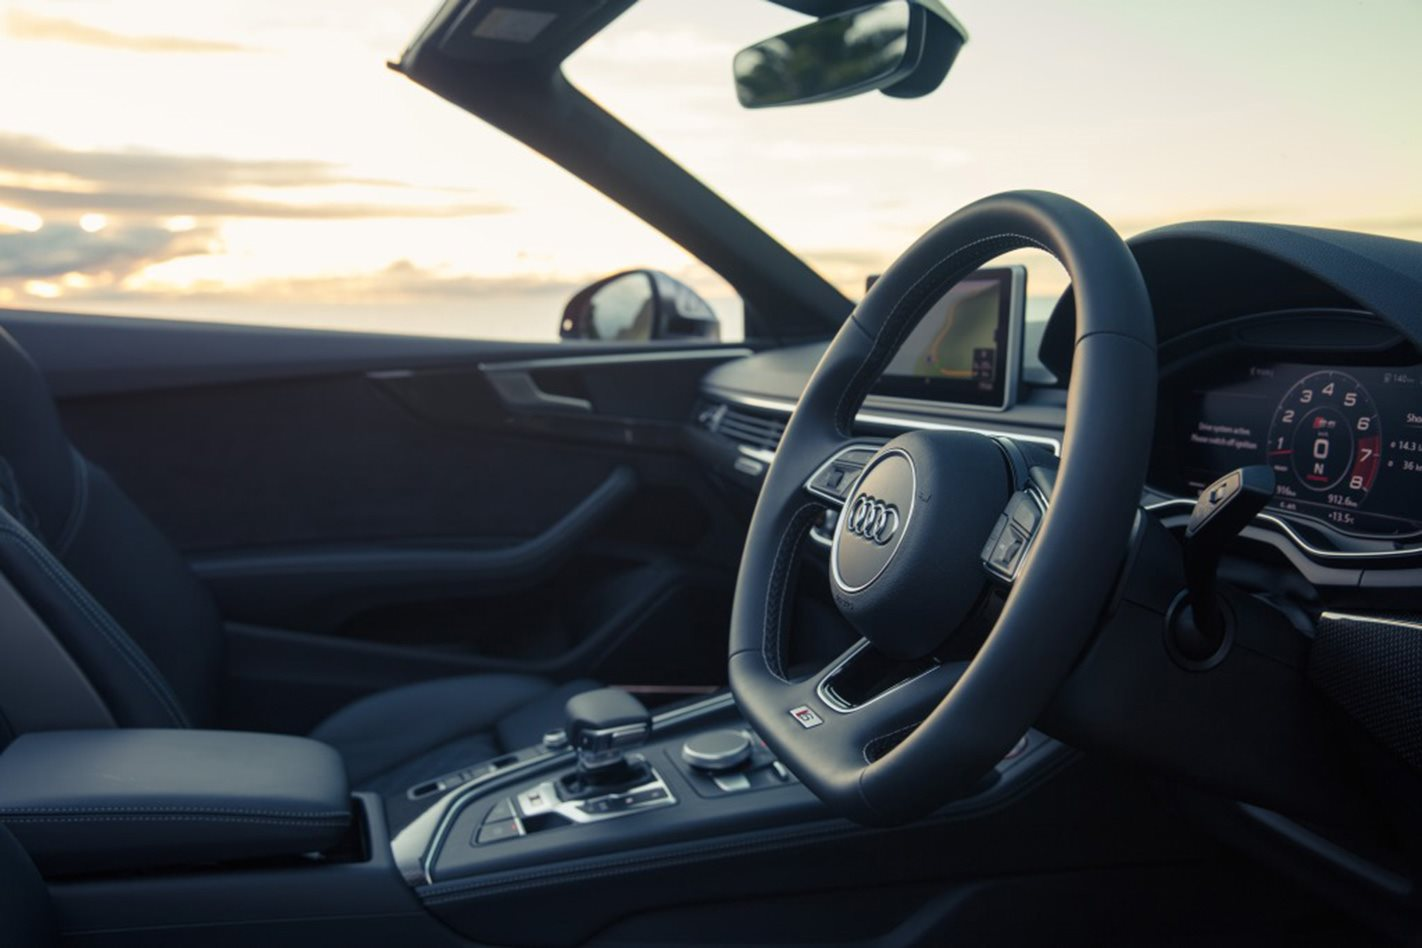 2017 Audi S5 Cabriolet steering wheel